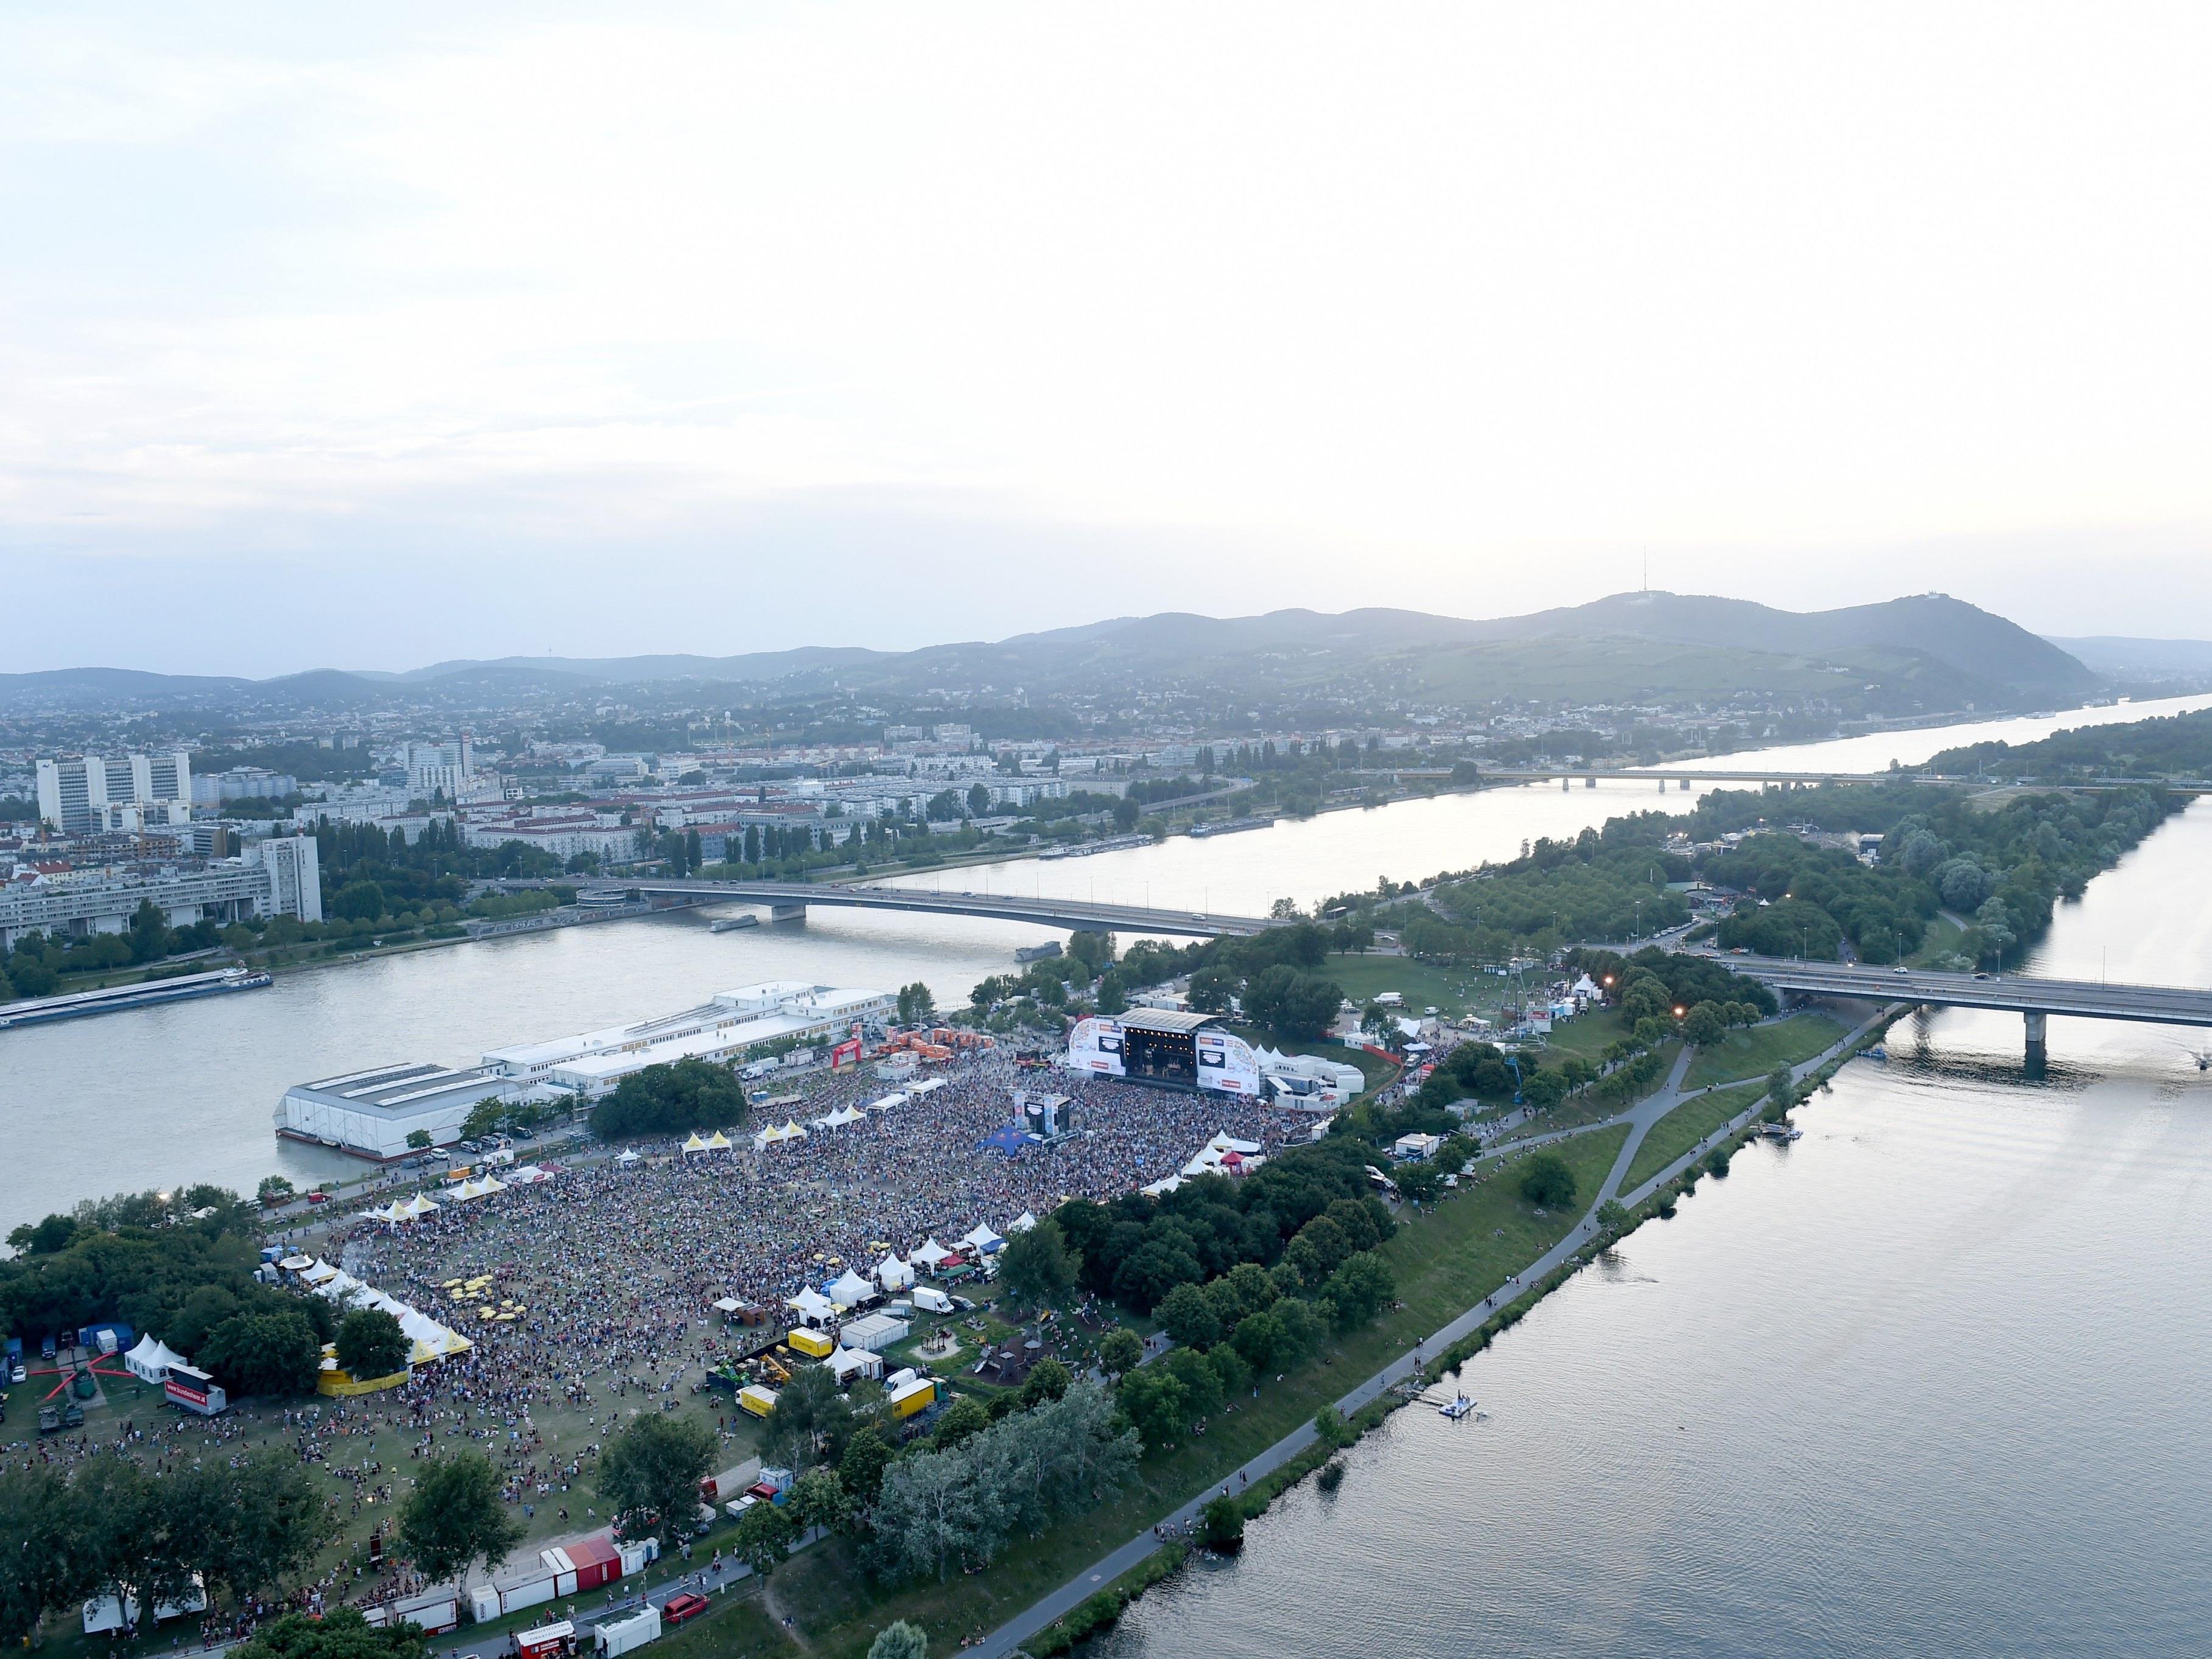 Rund um die Wiener Donauinsel wird es am kommenden Wochenende stauen.